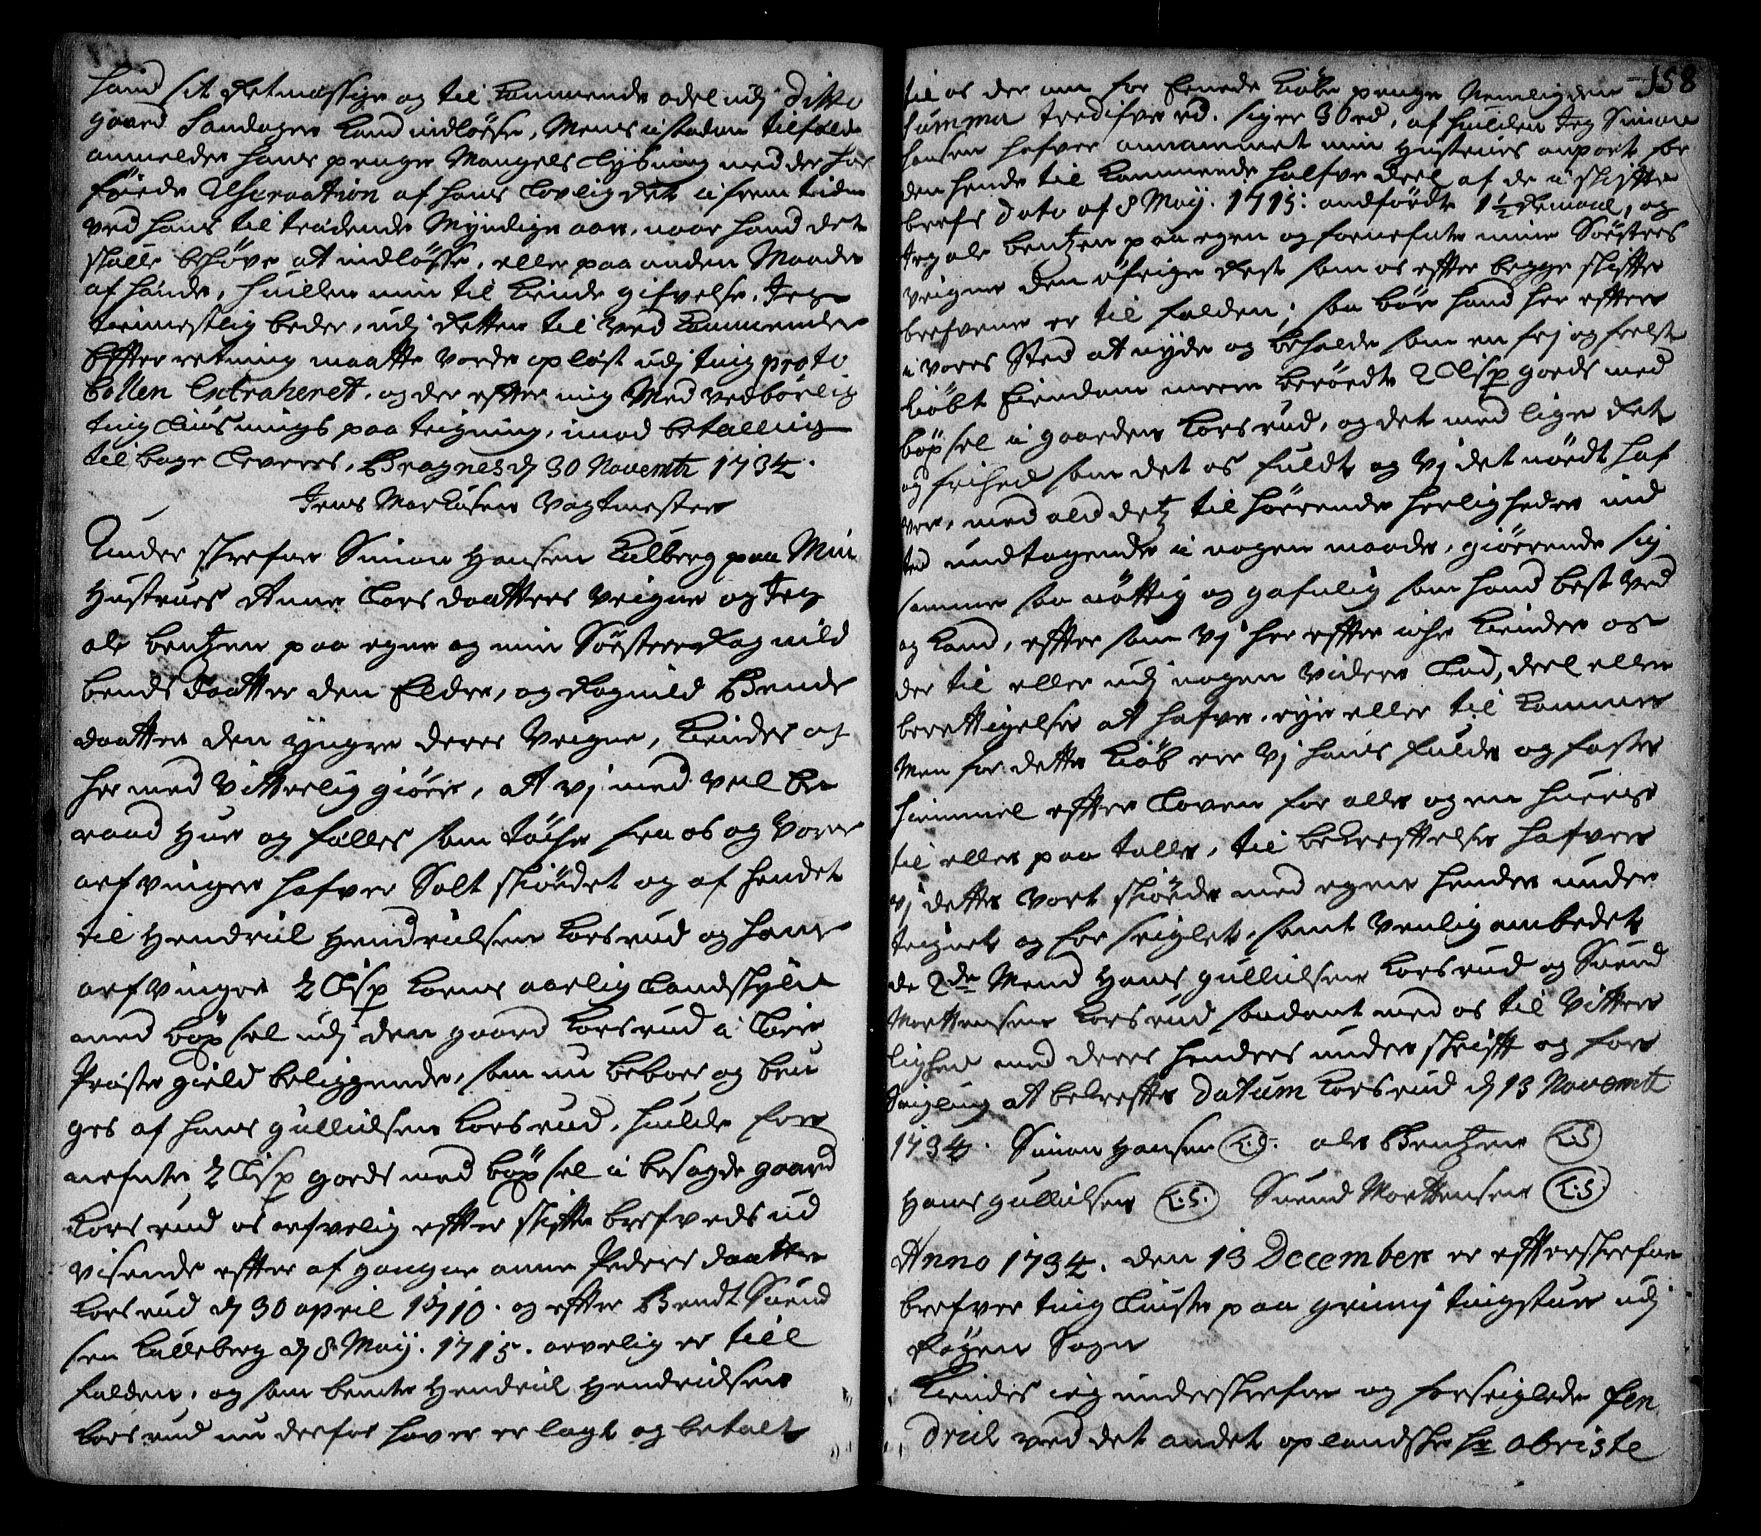 SAKO, Lier, Røyken og Hurum sorenskriveri, G/Ga/Gaa/L0002: Pantebok nr. II, 1725-1755, s. 158